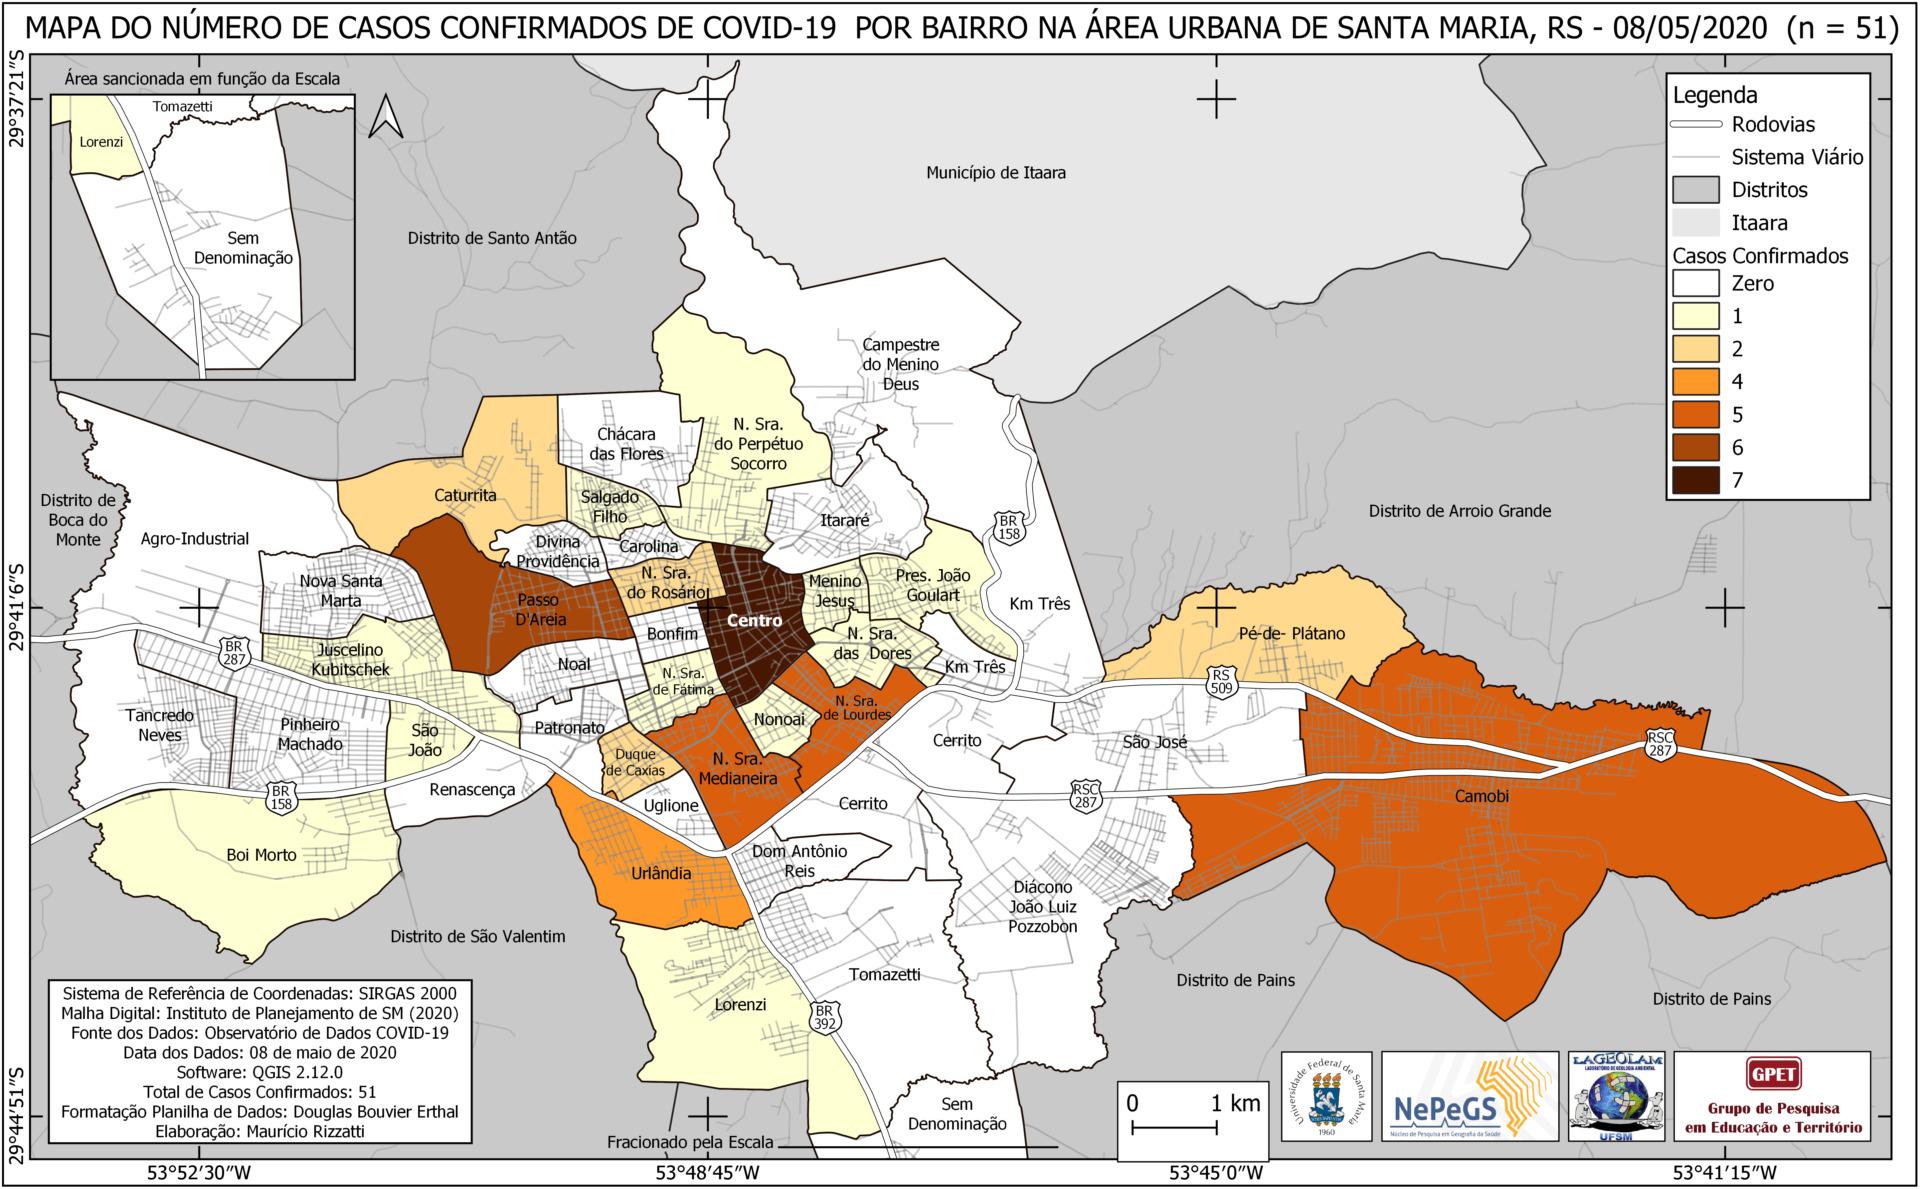 Mapa ConfirmadosSM 08mai n51